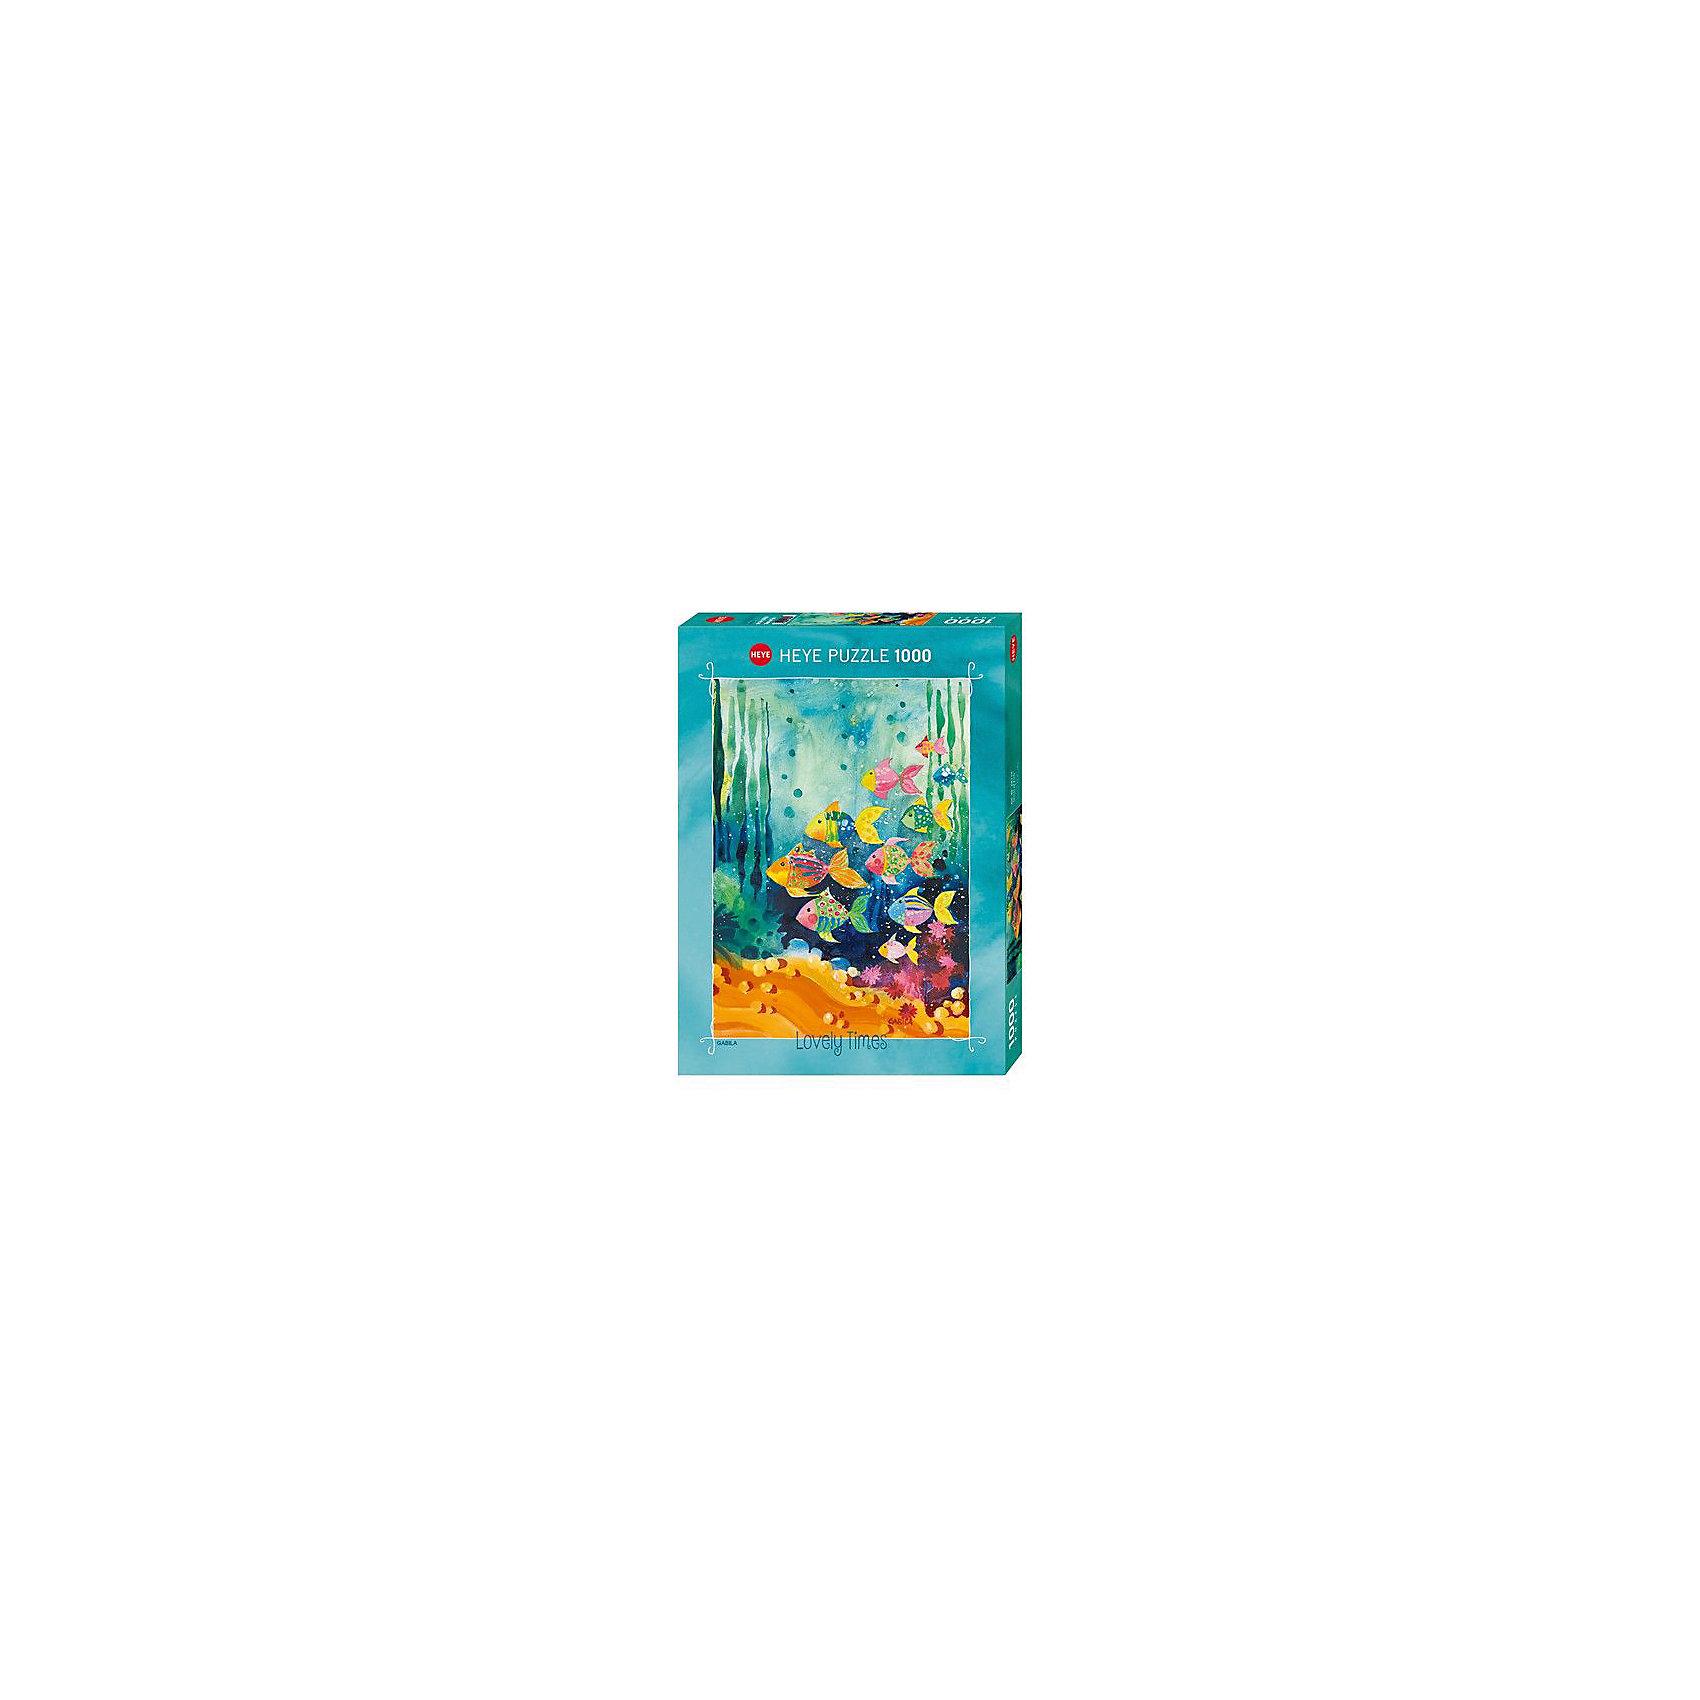 Пазлы Стая рыбок, 1000 деталей, HeyeКлассические пазлы<br>Характеристики товара:<br><br>• возраст: от 8 лет<br>• количество деталей: 1000 деталей <br>• размер собранного пазла: 50х70 см.<br>• материал: картон<br>• упаковка: картонная коробка <br>• размер упаковки: 27х37х5 см.<br>• вес: 840 гр.<br>• страна обладатель бренда: Германия<br><br>Яркие и красочные элементы  пазла образуют картину Стаи рыбок, которая отлично впишется в интерьер детской комнаты. <br><br>Качественный материал элементов пазла позволяет  собрать и сохранить картину, создавая в меру глянцевый эффект (а значит не сильно бликующий) и хорошую сцепку деталей.<br><br>Сбор элементов в одно изображение способствует развитию образного и логического мышления, атакже является увлекательным и интересным процессом.<br><br>Пазл Стая рыбок, 1000 деталей, HEYE ( ХАЙЕ) можно купить в нашем интернет-магазине.<br><br>Ширина мм: 371<br>Глубина мм: 55<br>Высота мм: 271<br>Вес г: 840<br>Возраст от месяцев: 216<br>Возраст до месяцев: 2147483647<br>Пол: Унисекс<br>Возраст: Детский<br>SKU: 6881437